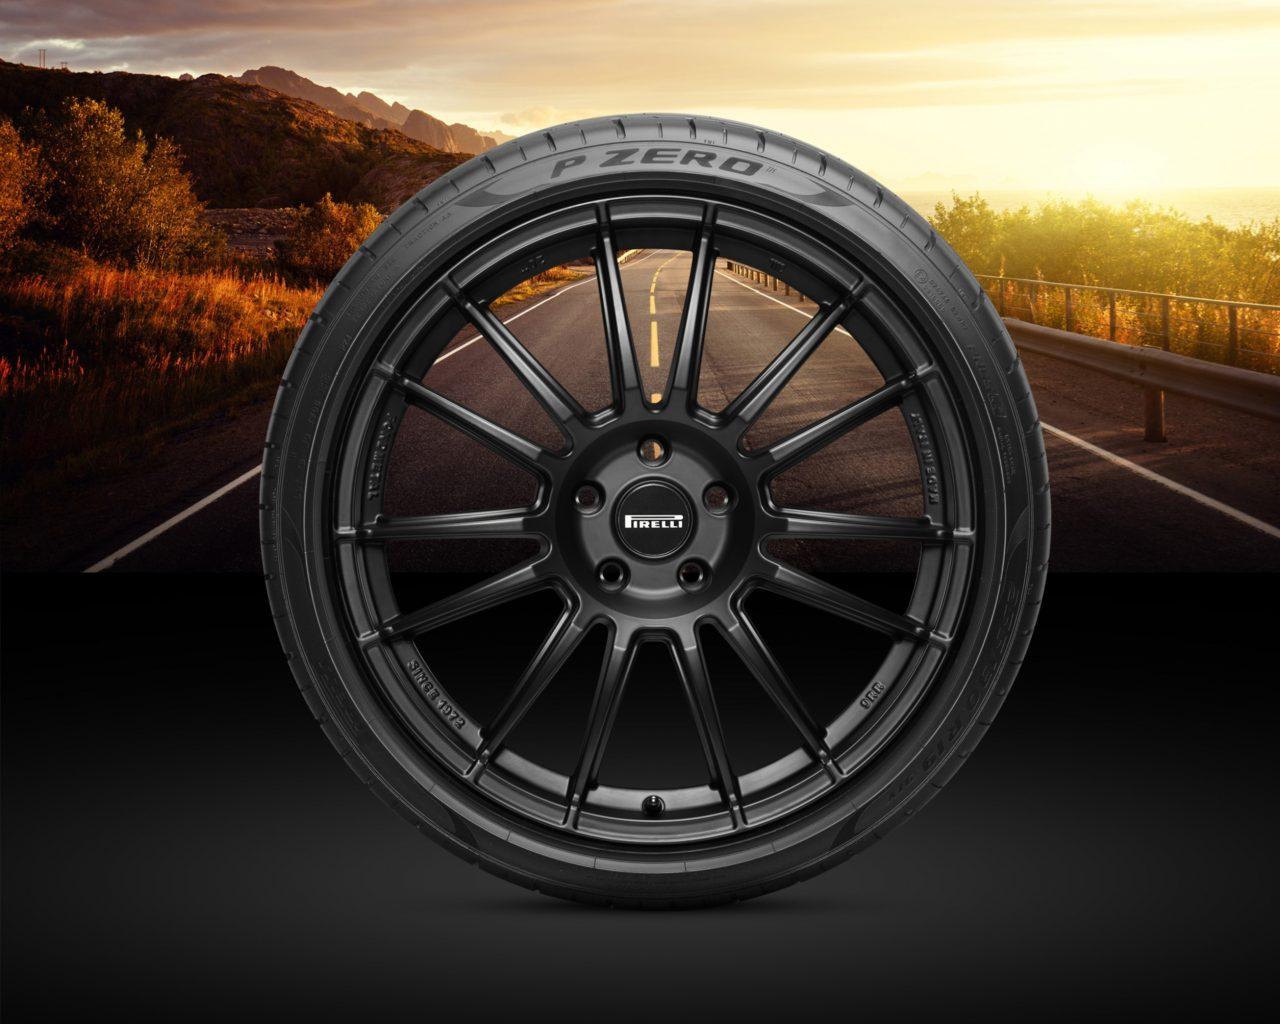 Pirelli'den 17 jant ve üzeri 4 adet lastik alan herkese 500 TL'ye varan indirim fırsatı